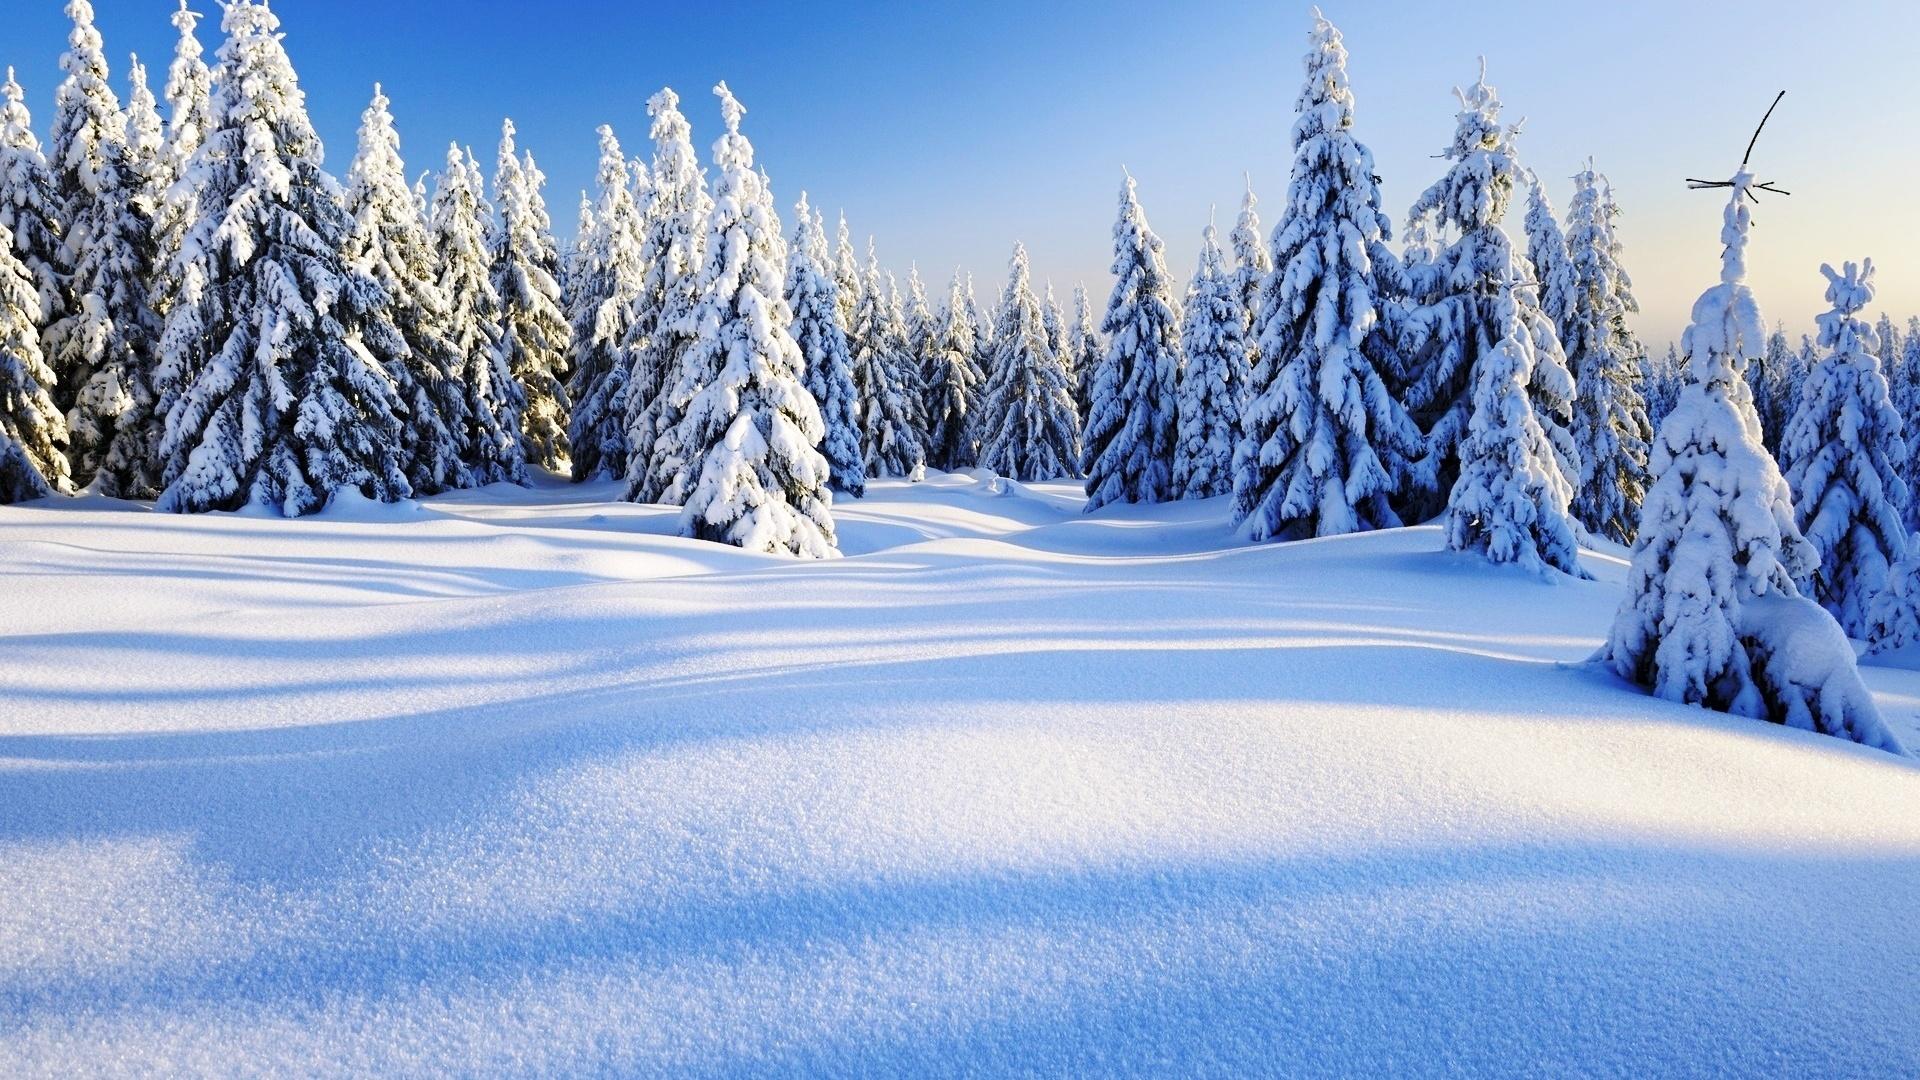 Картинки с красивой зимой, открытка мая картинки